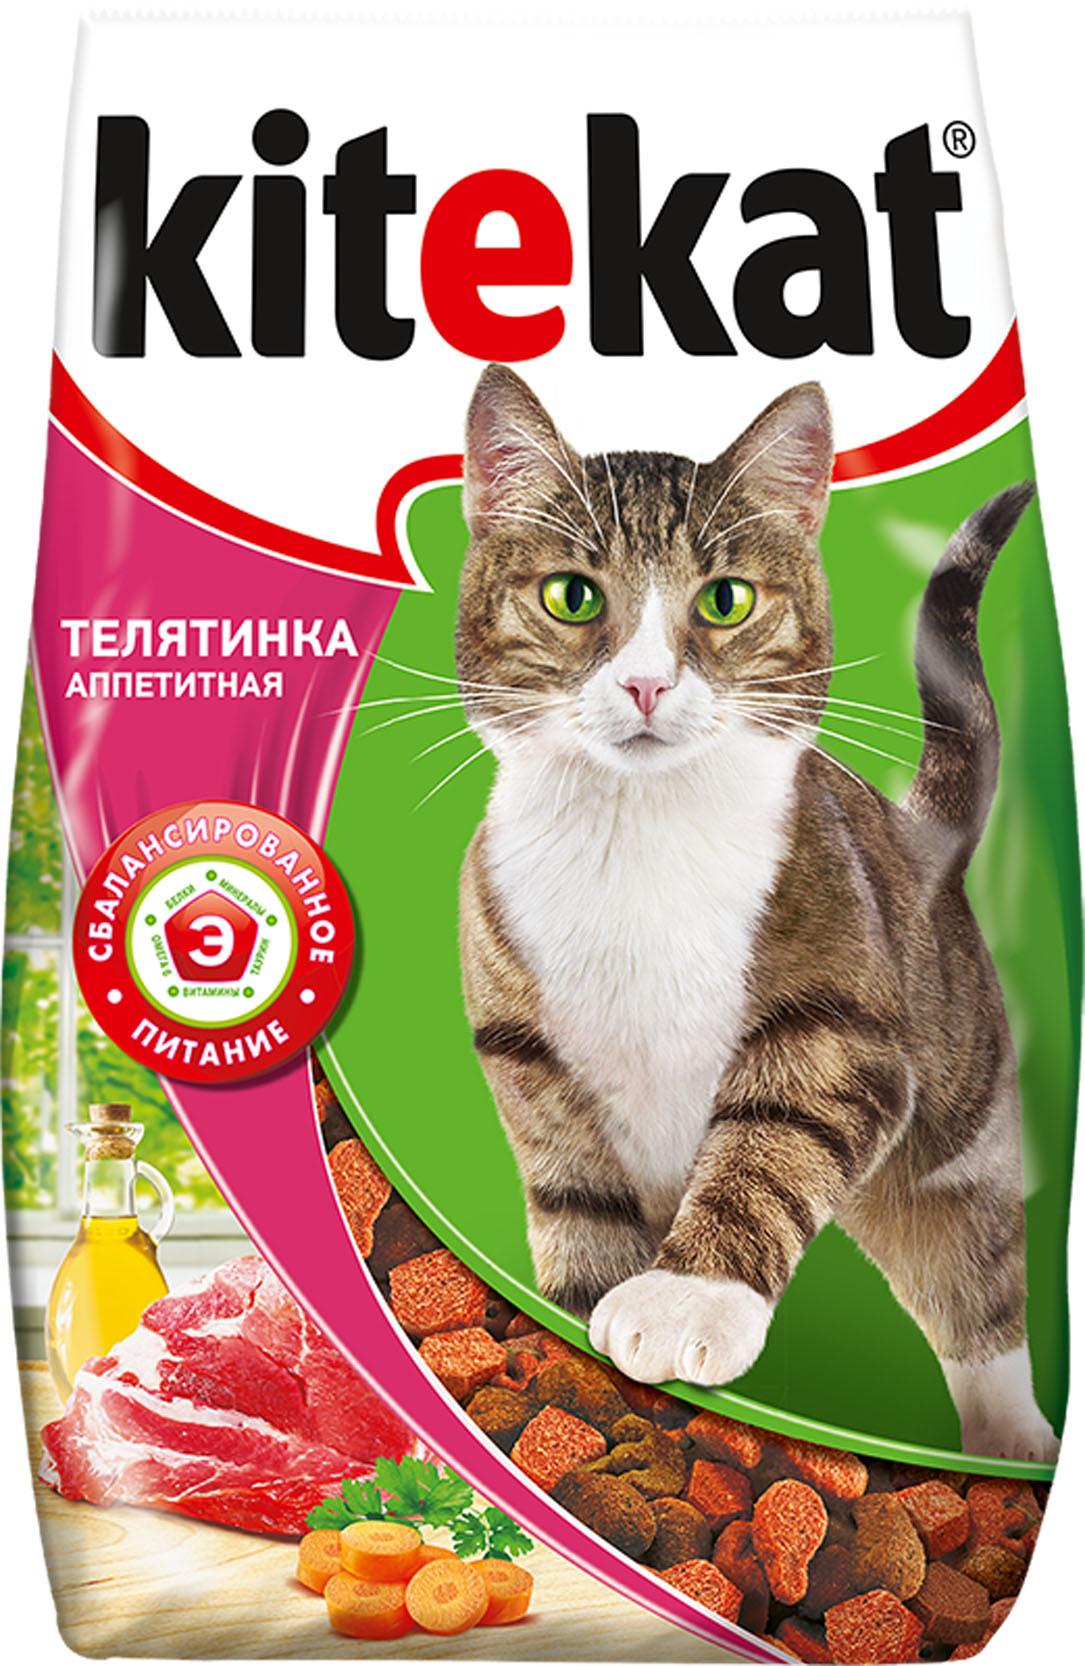 Корм сухой для кошек Kitekat, телятина аппетитная, 1,9 кг40434Сухой корм для взрослых кошек Kitekat - это специально разработанный рацион с оптимально сбалансированным содержанием белков, витаминов и микроэлементов. Уникальная формула Kitekat включает в себя все необходимые для здоровья компоненты: - белки - для поддержания мышечного тонуса, силы и энергии; - жирные кислоты - для здоровой кожи и блестящей шерсти; - кальций, фосфор, витамин D - для крепости костей и зубов; - таурин - для остроты зрения и стабильной работы сердца; - витамины и минералы, натуральные волокна - для хорошего пищеварения, правильного обмена веществ, укрепления здоровья.Состав: злаки, мясо и субпродукты, белковые растительные экстракты, жиры животного происхождения, растительные масла (источник омега-6), овощи, пивные дрожжи, витамины и минеральные вещества. Товар сертифицирован.